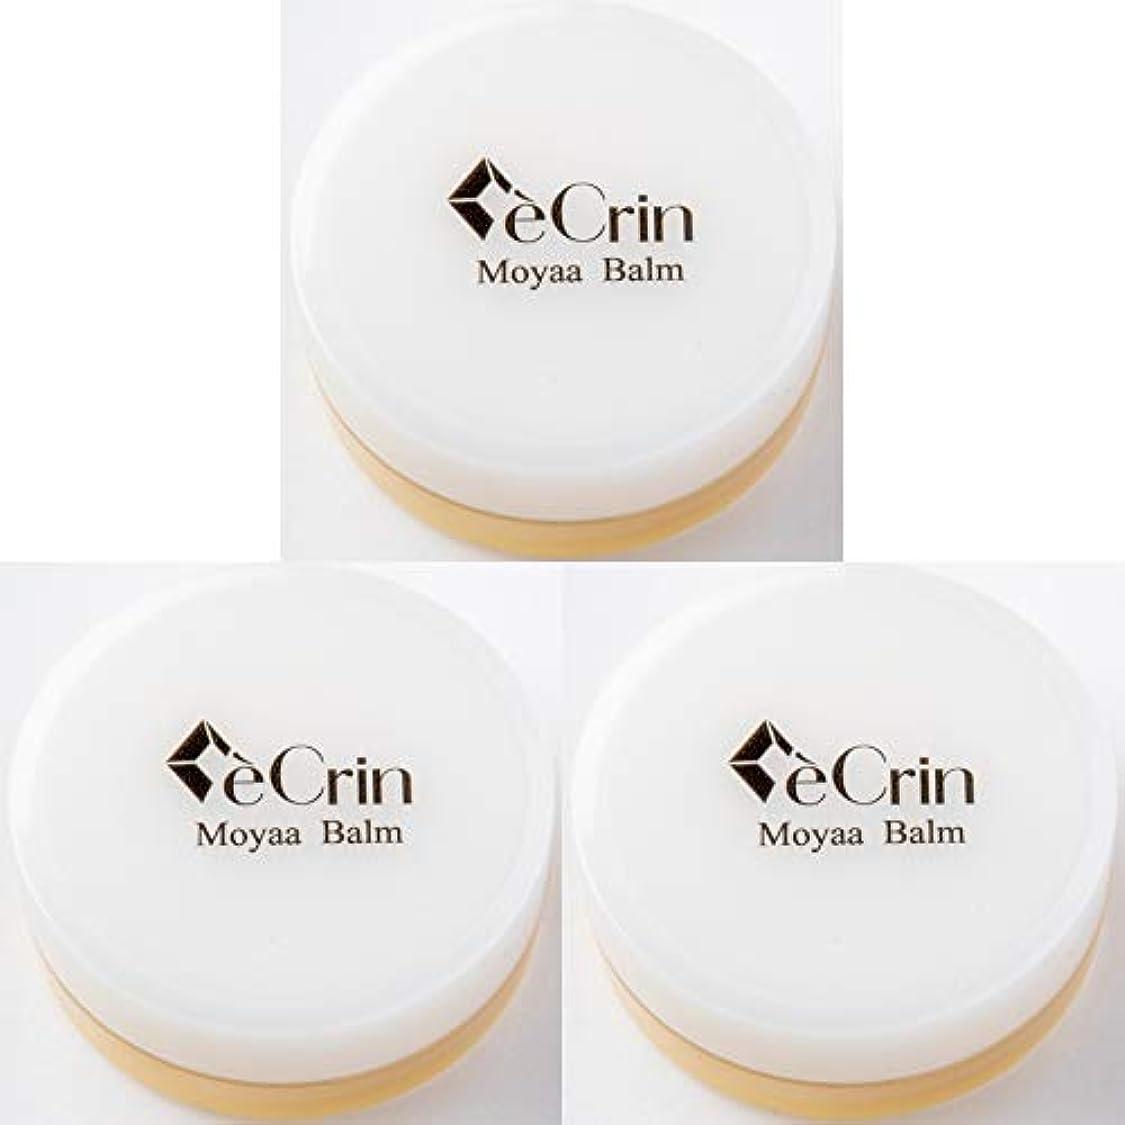 パノラマライセンスパースMoyaa Balm (モーヤバーム)天然成分のみで仕上げたシアバター White 無添加 天然成分100% 3個セット